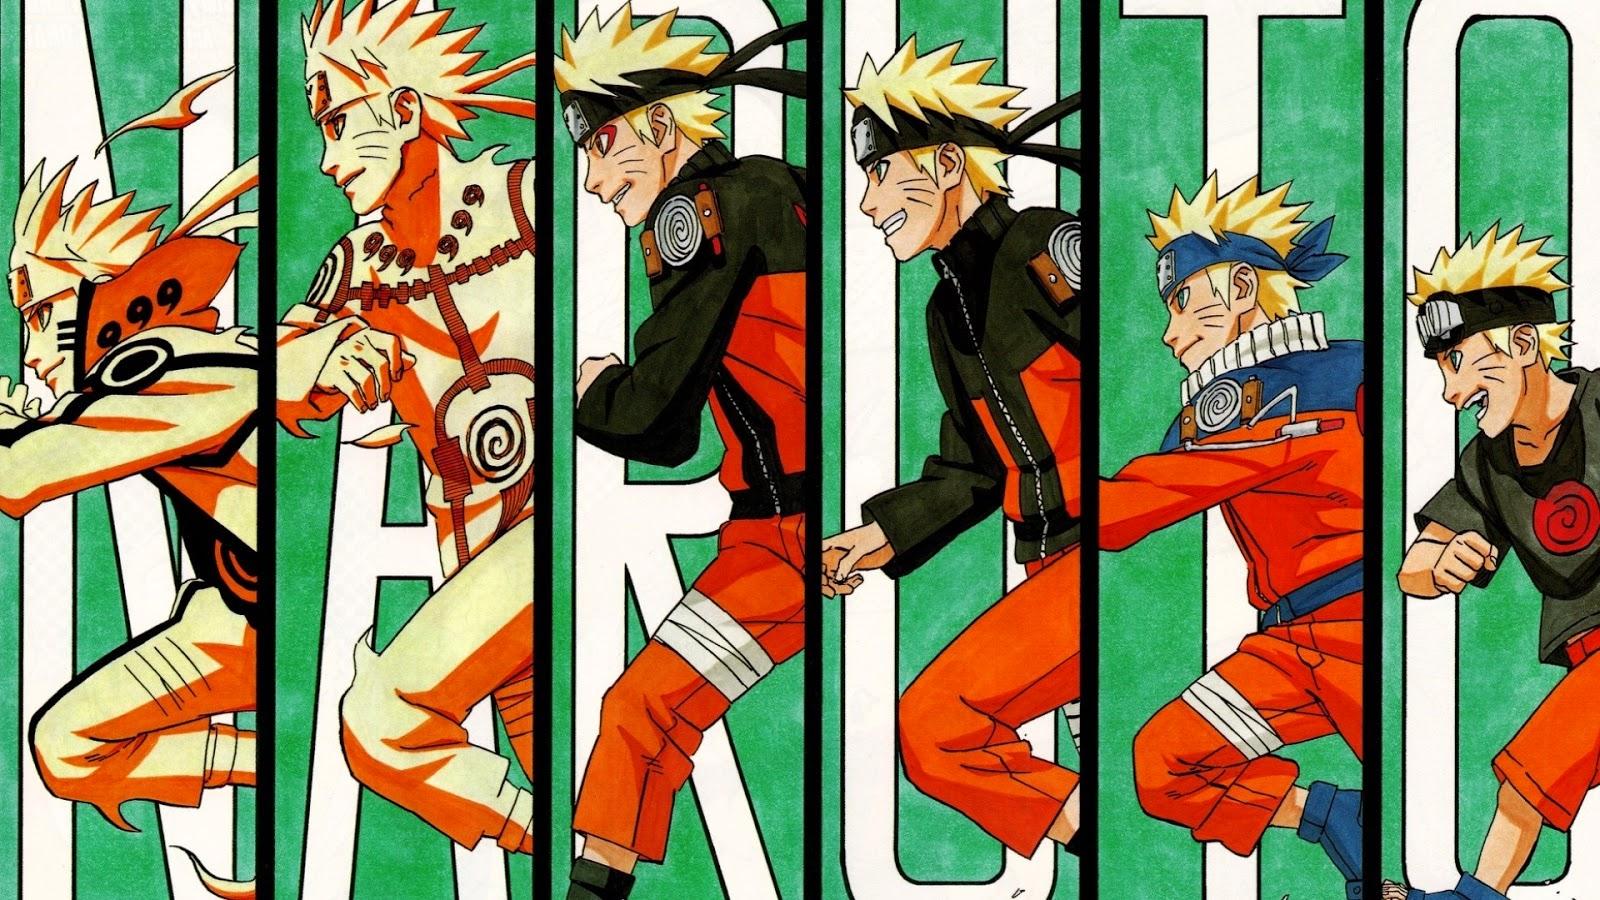 10 curiosidades sobre Naruto que você não sabe!